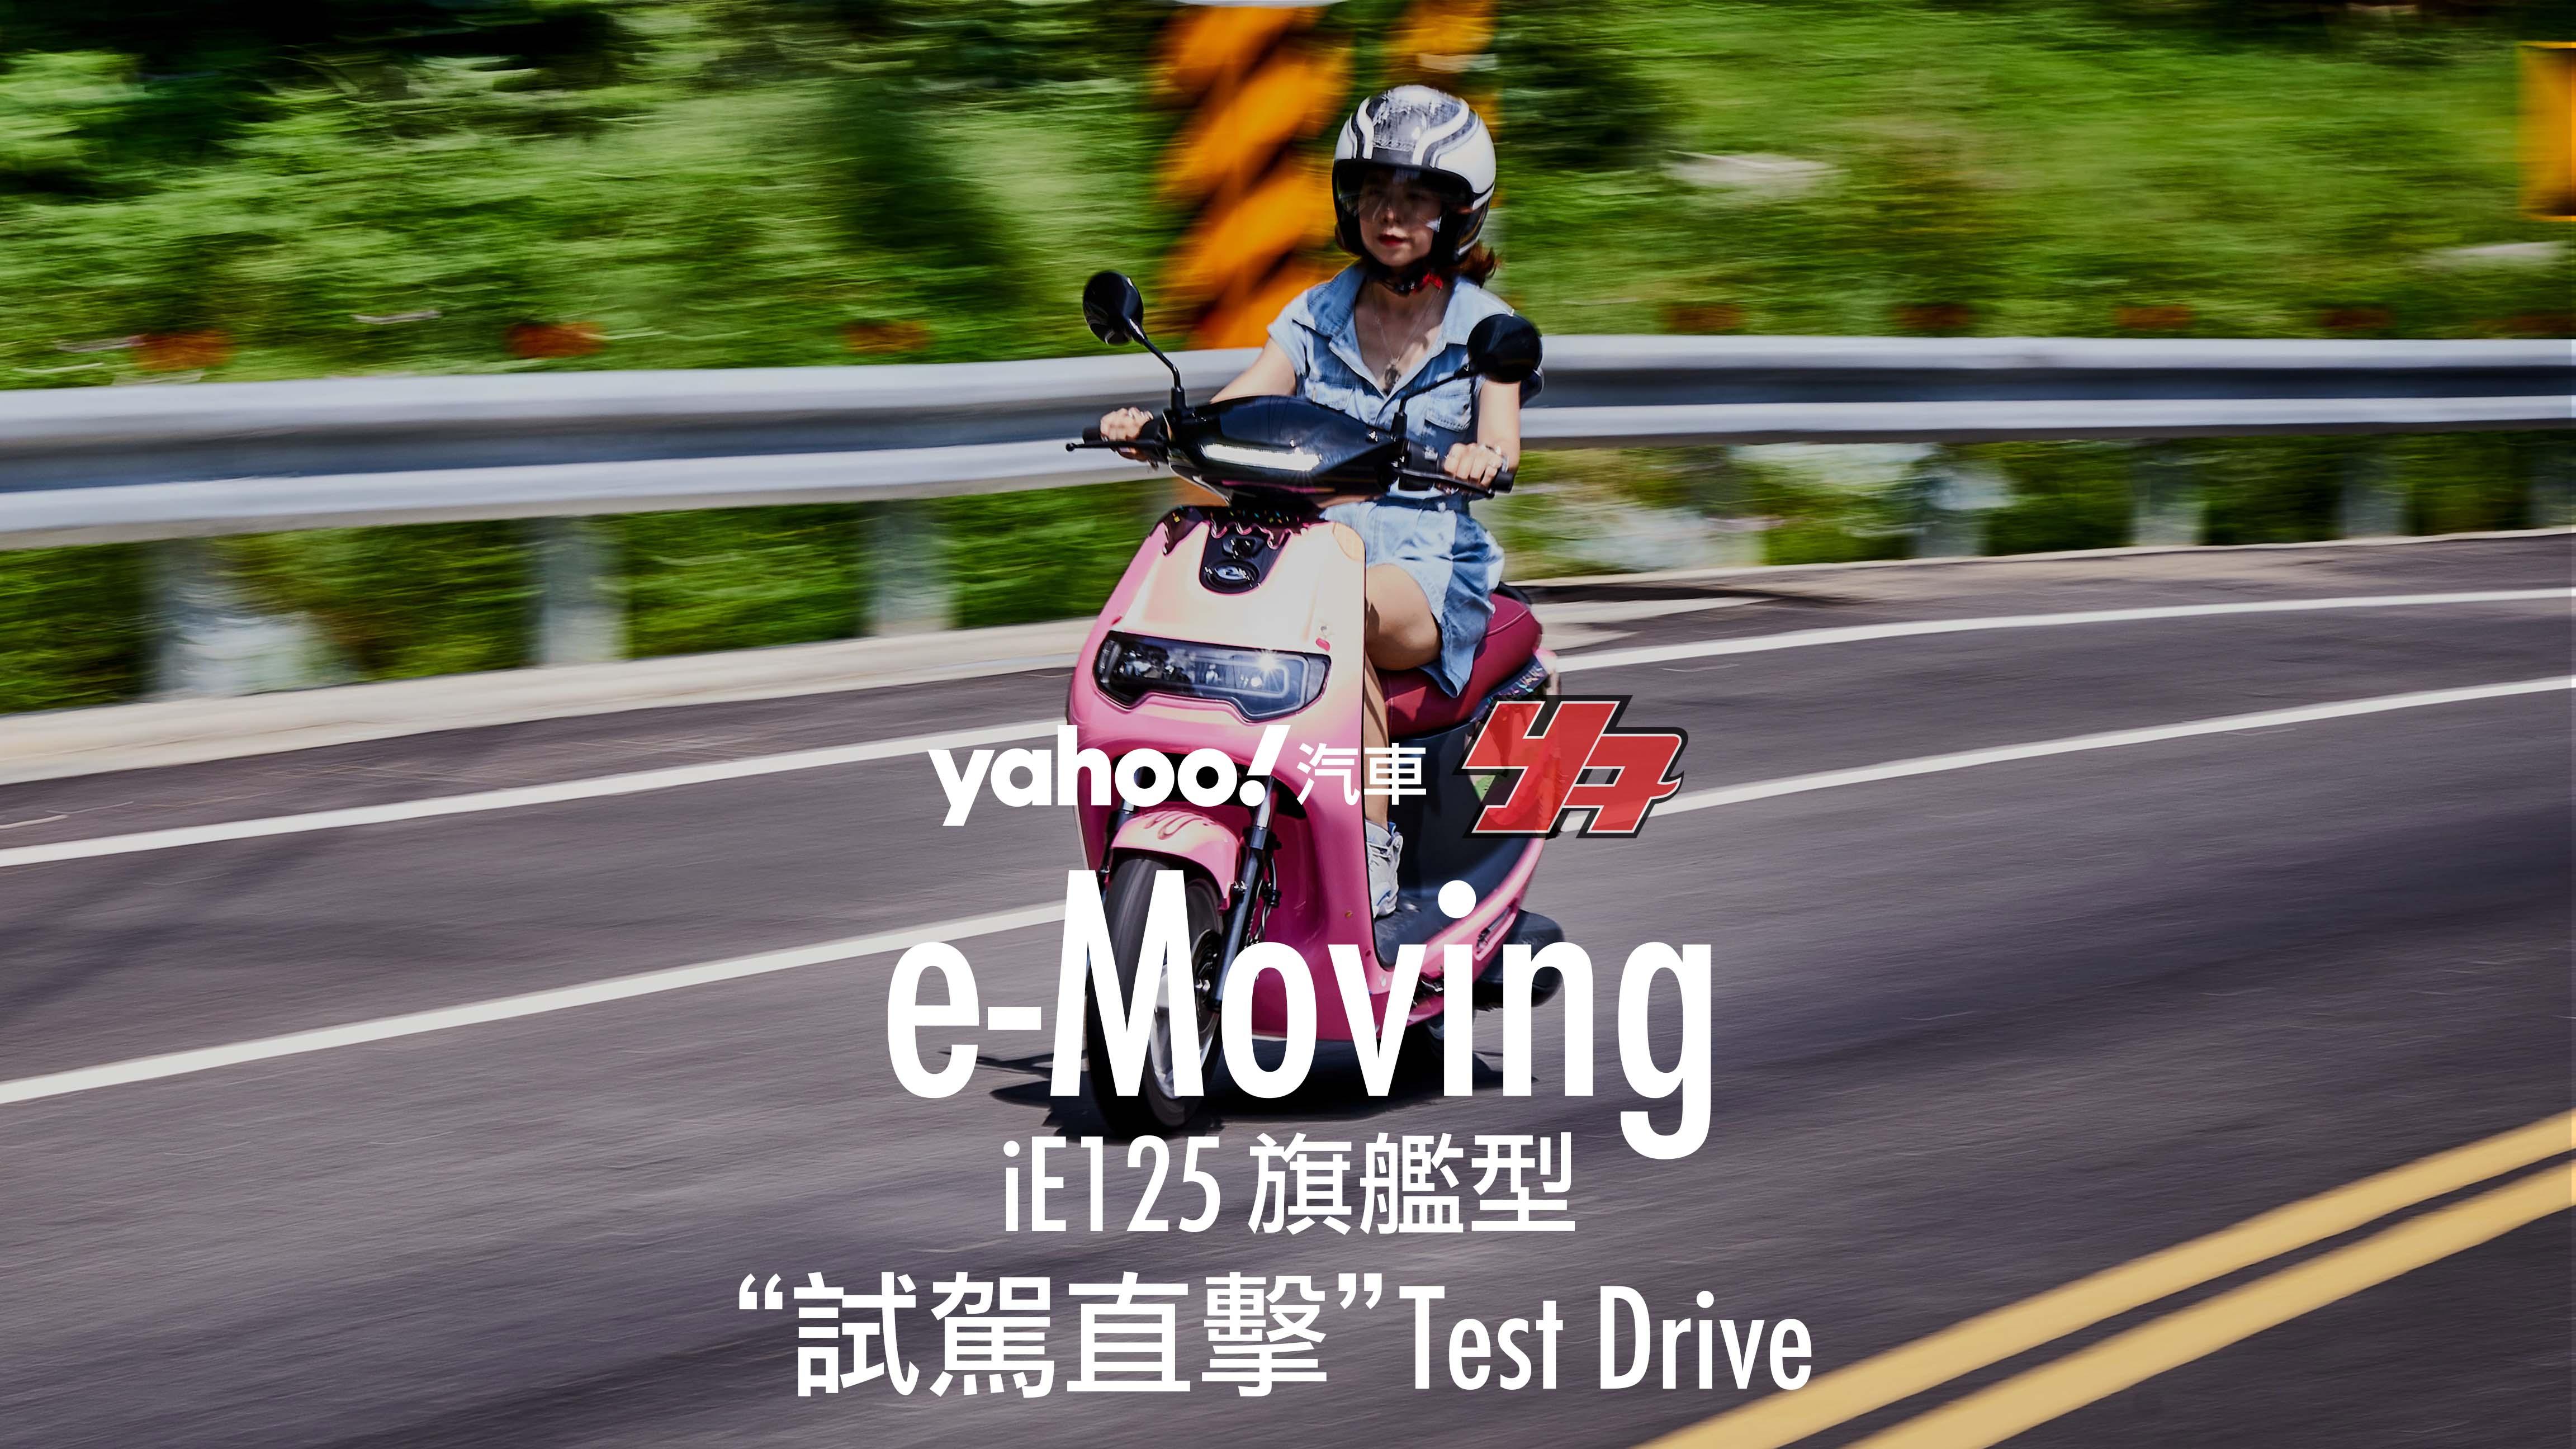 【試駕直擊】一條看似分歧卻格外專注的電能之道!e-Moving iE125旗艦型桃園試駕深入解析!